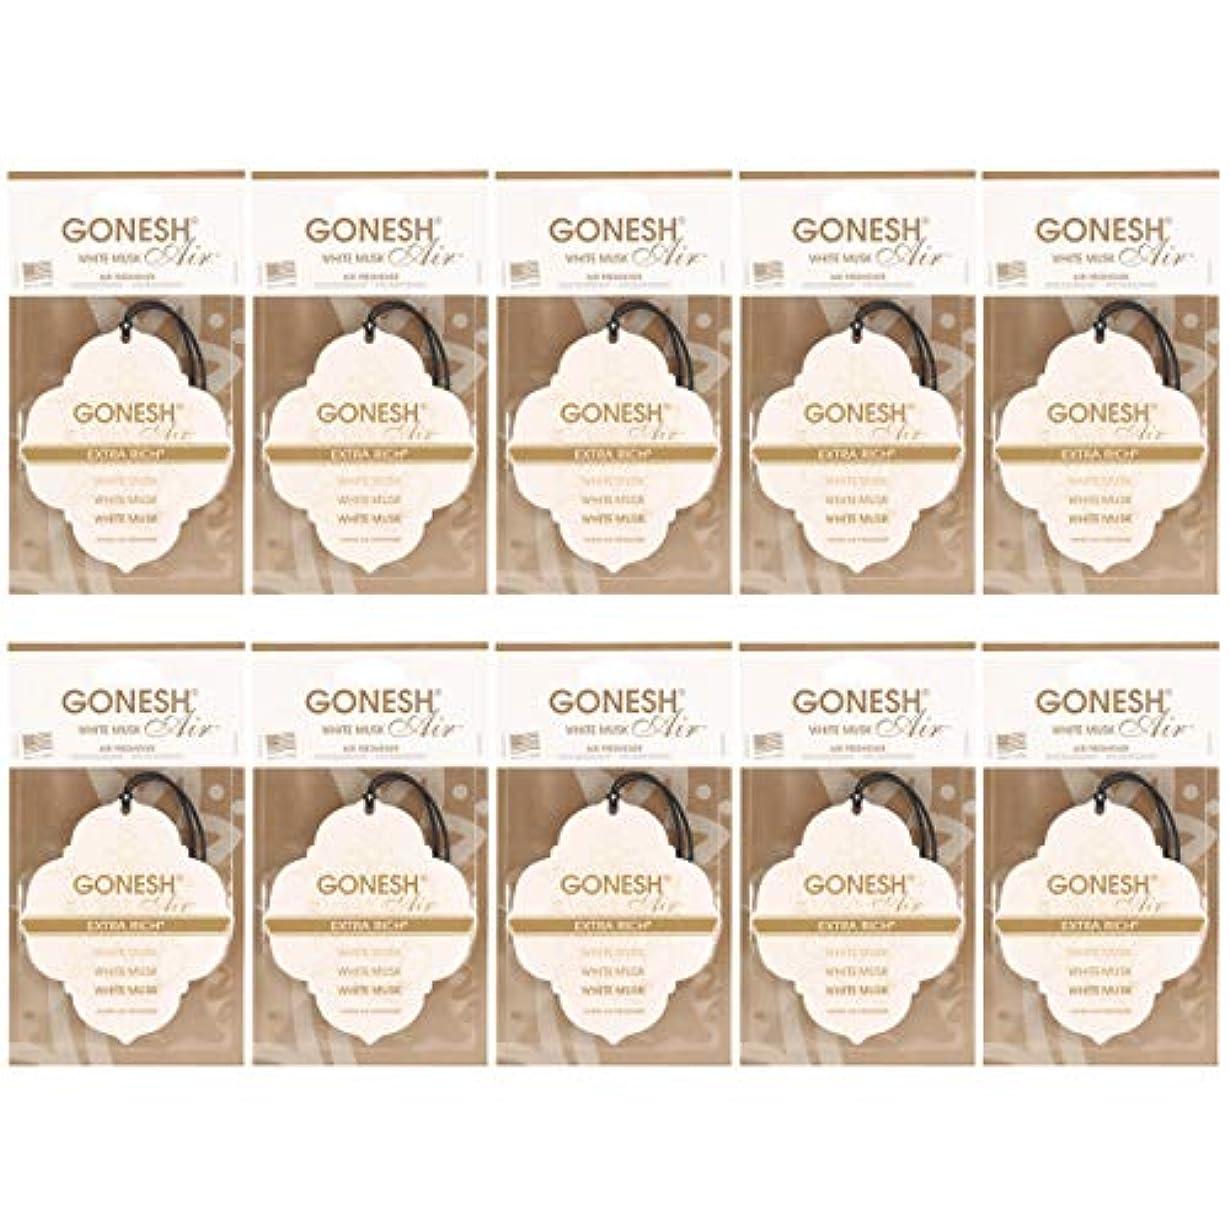 アデレード胚お茶GONESH ペーパーエアフレッシュナー ホワイトムスク 10個セット